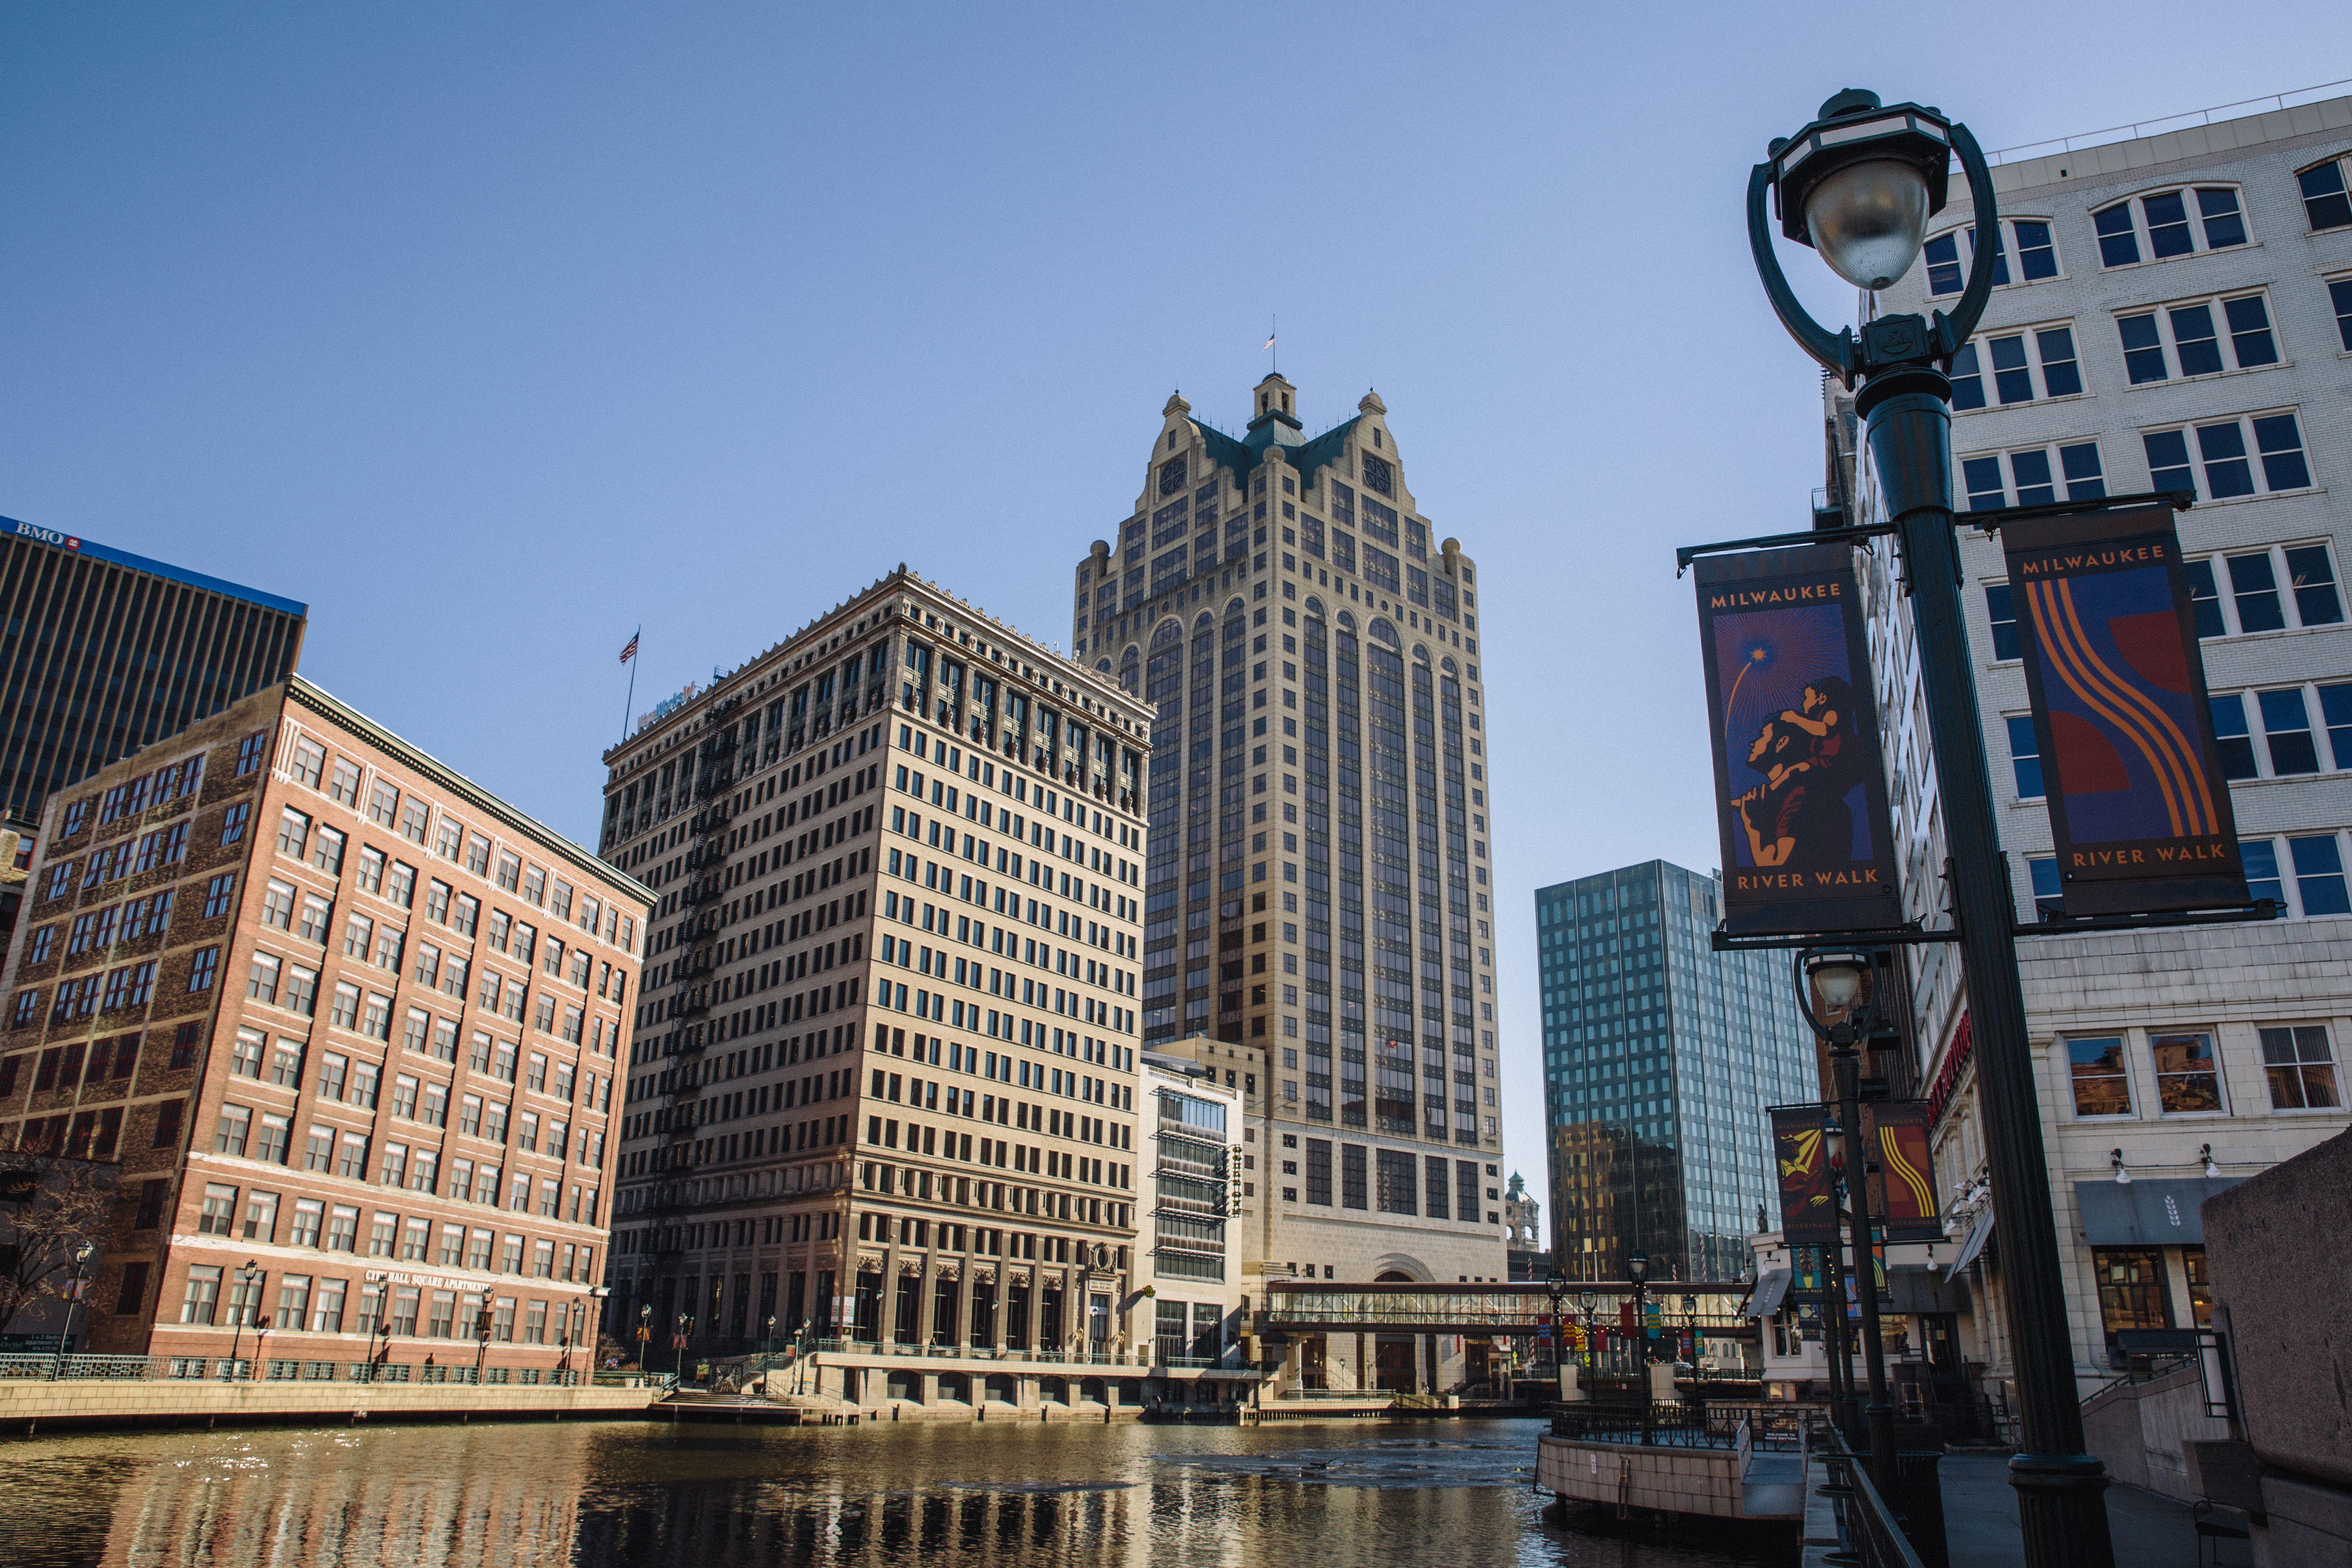 El río caminar en Milwaukee